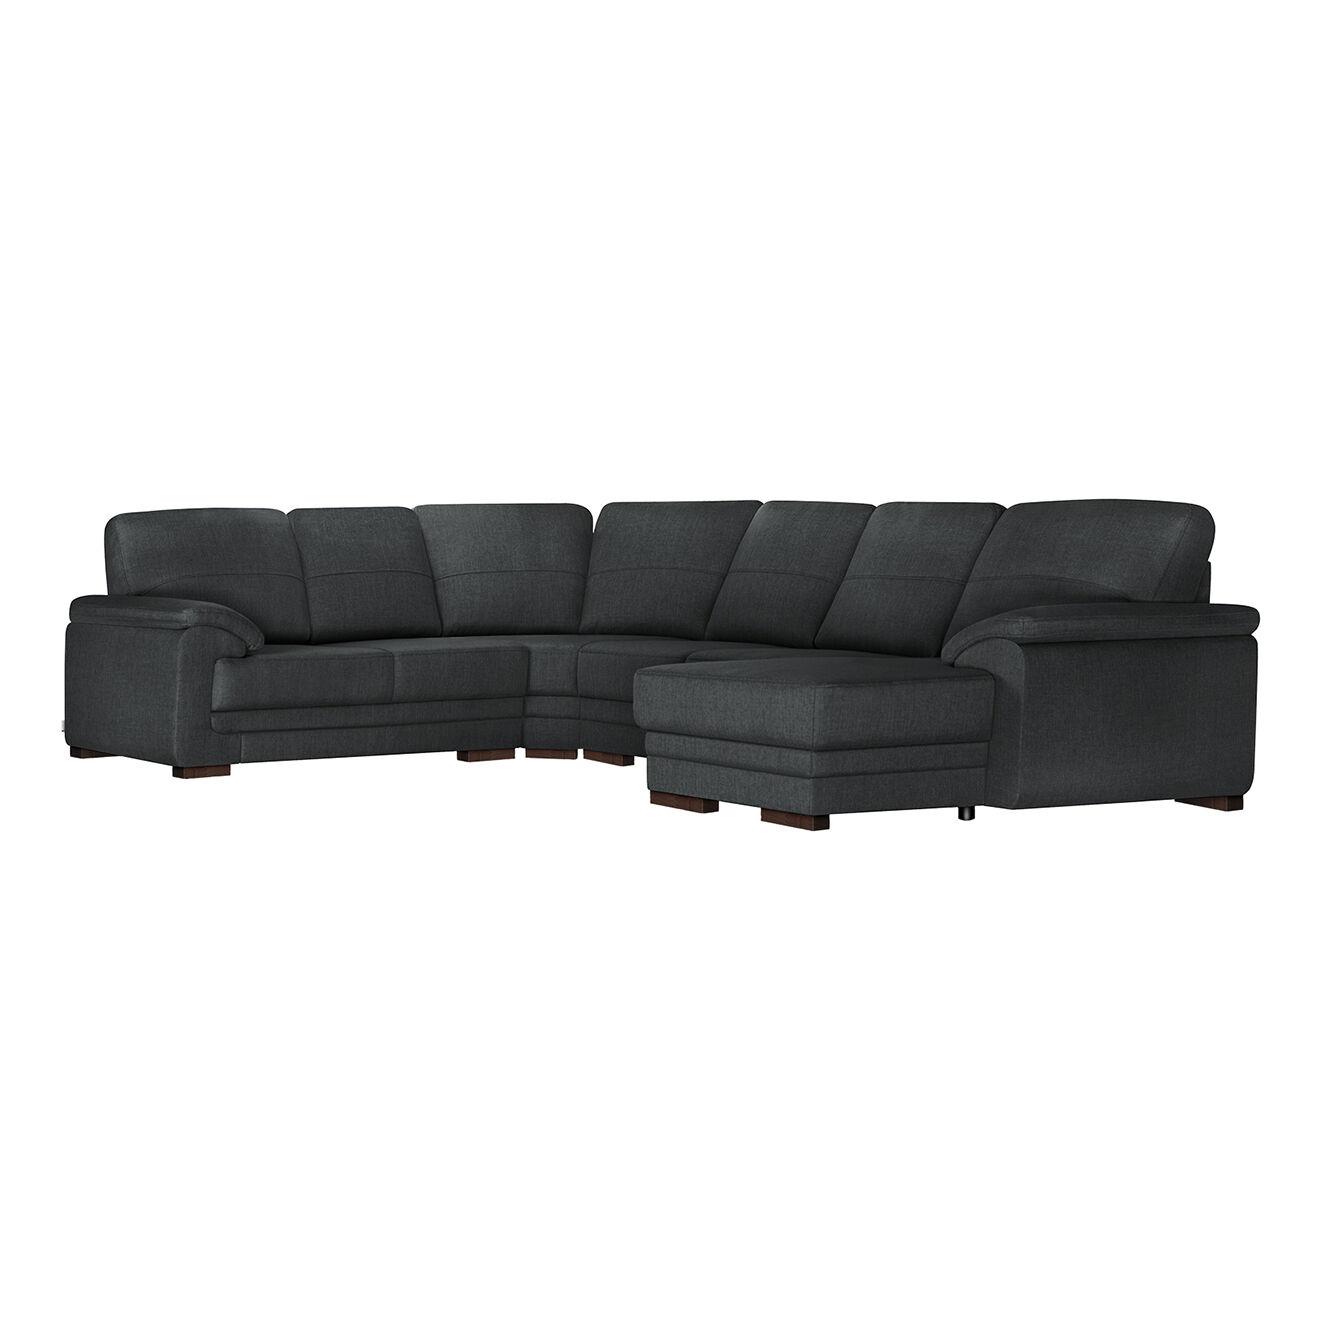 Canapé panoramique d'angle droit convertible Casavola anthracite - 257x362x90 cm